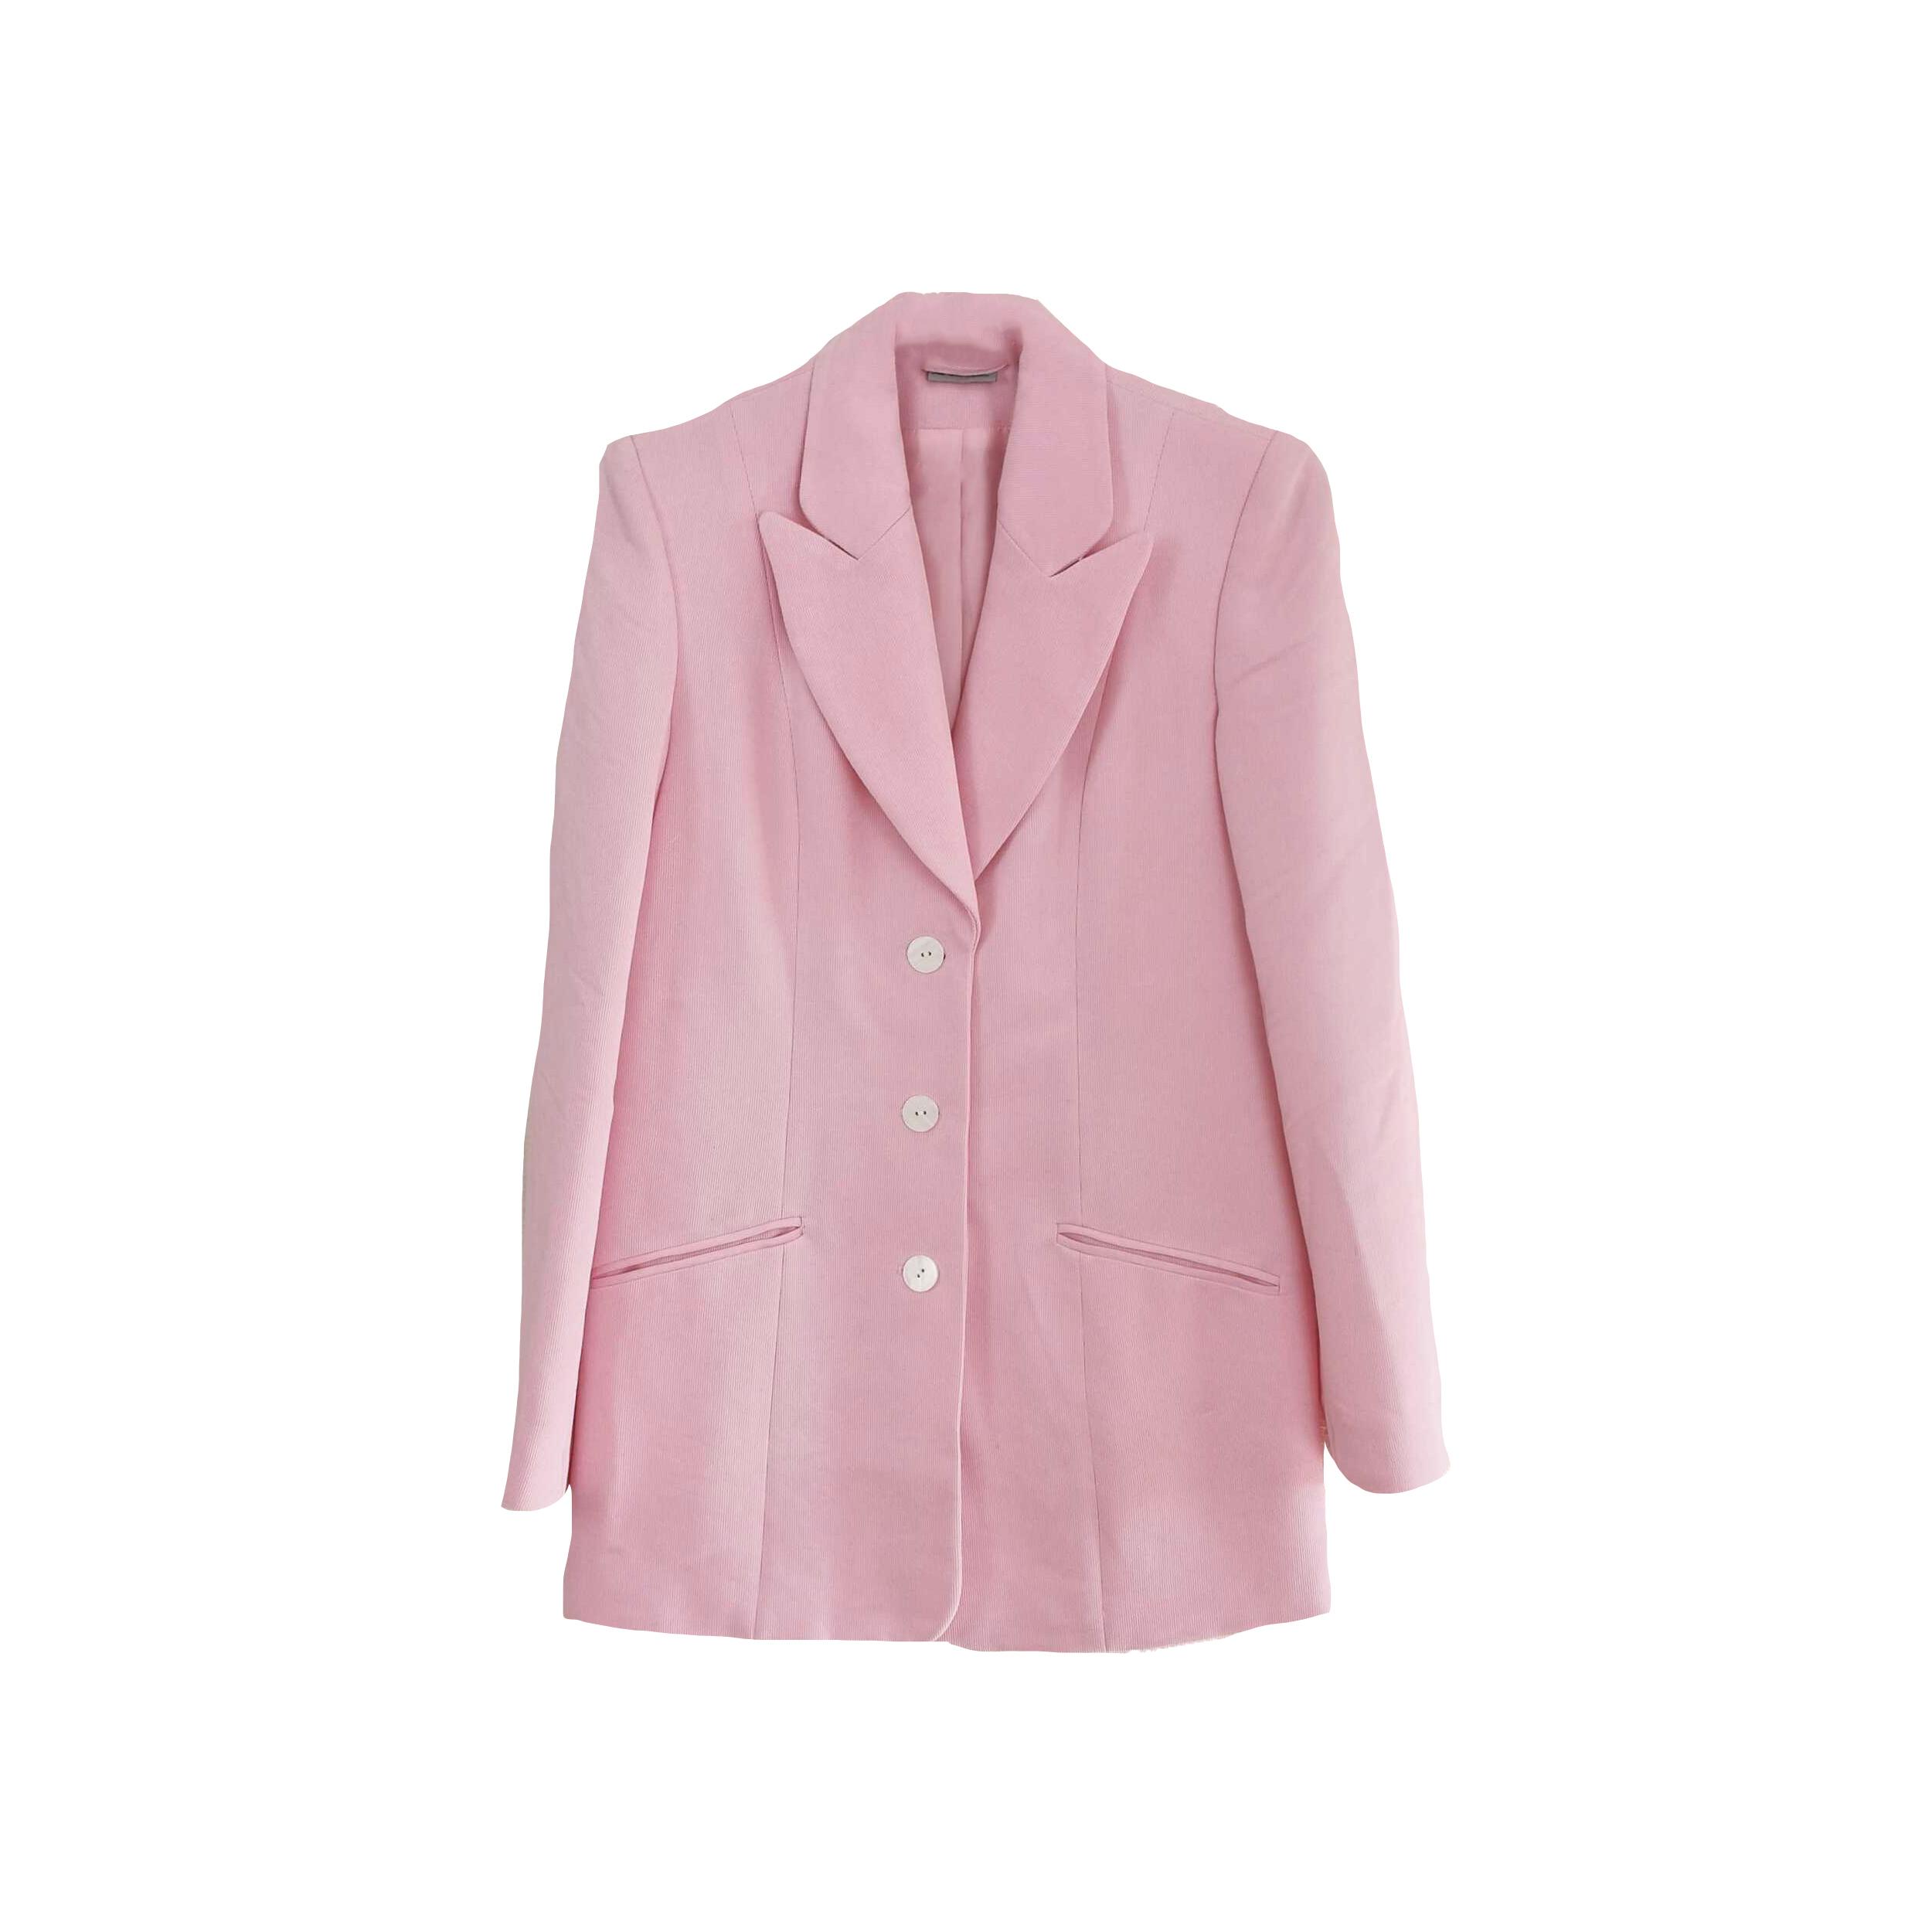 Blazer rose pastel côtelé